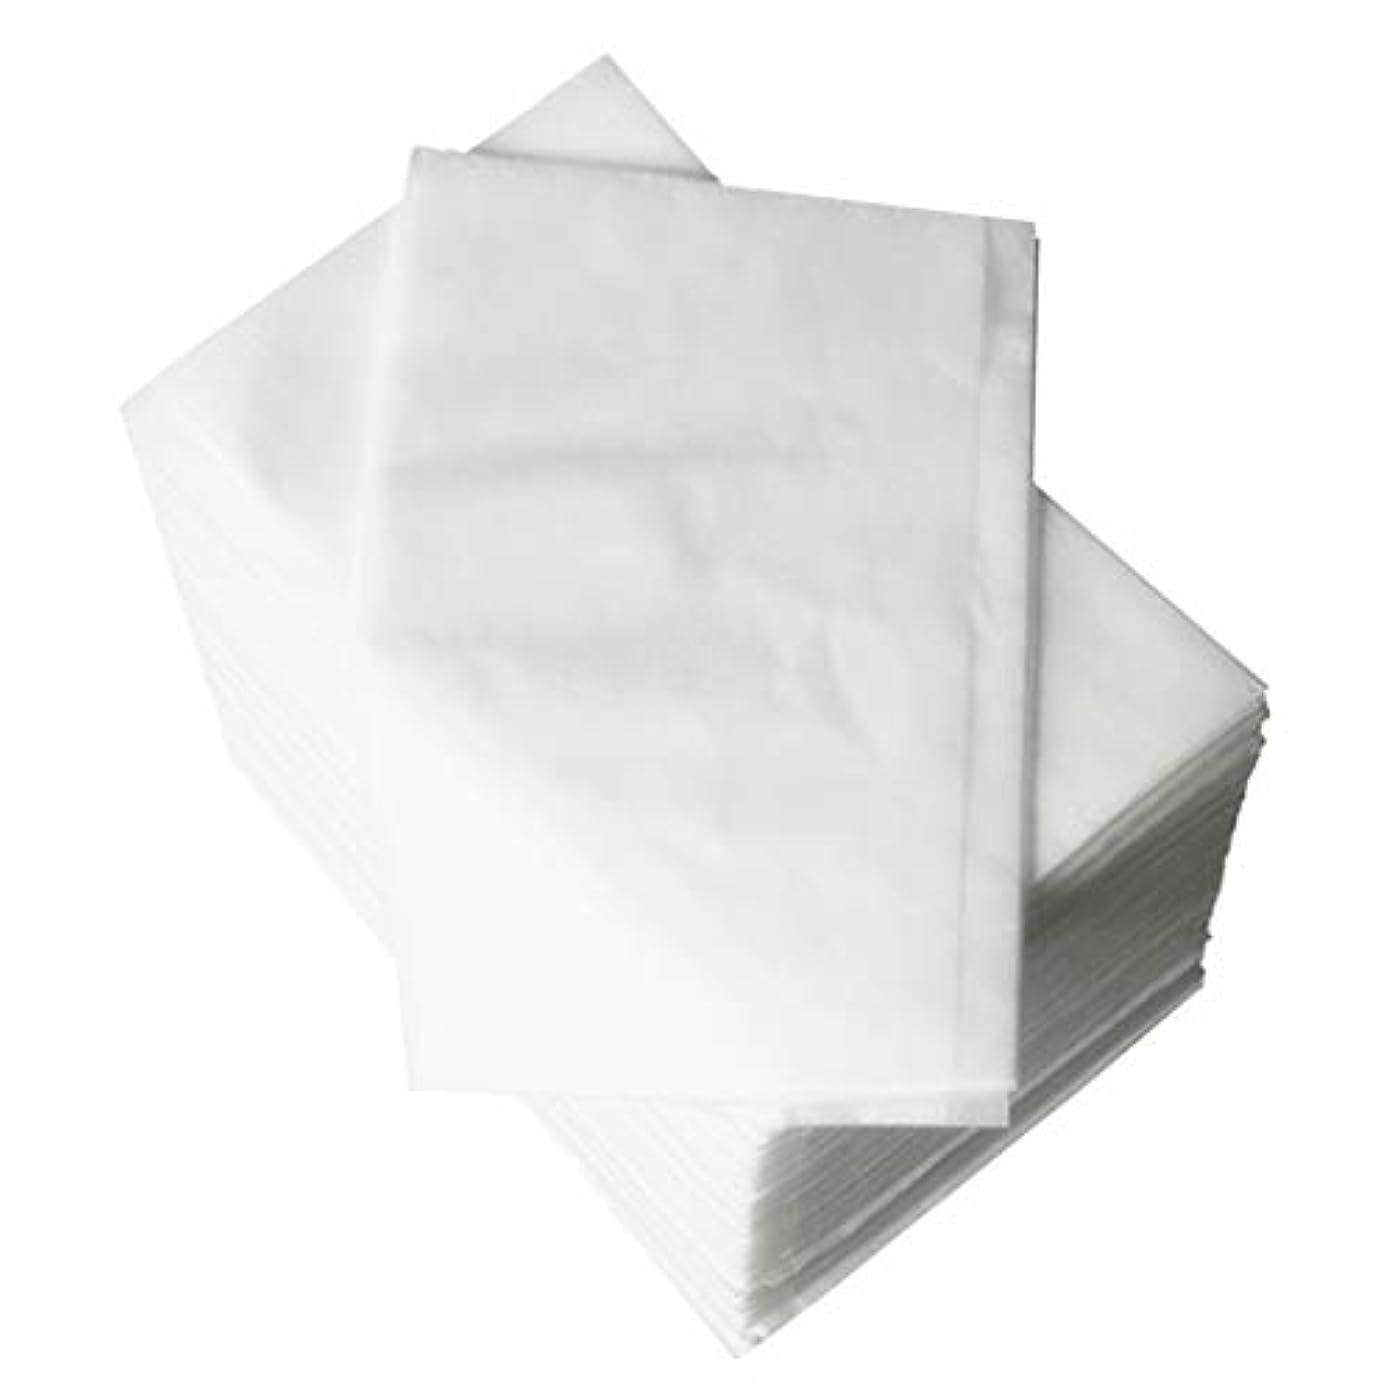 みぞれクリーナー連邦Hellery スパベッドカバー 使い捨て 耐久性 使い捨てベッドシーツ ブルー ホワイト - 白